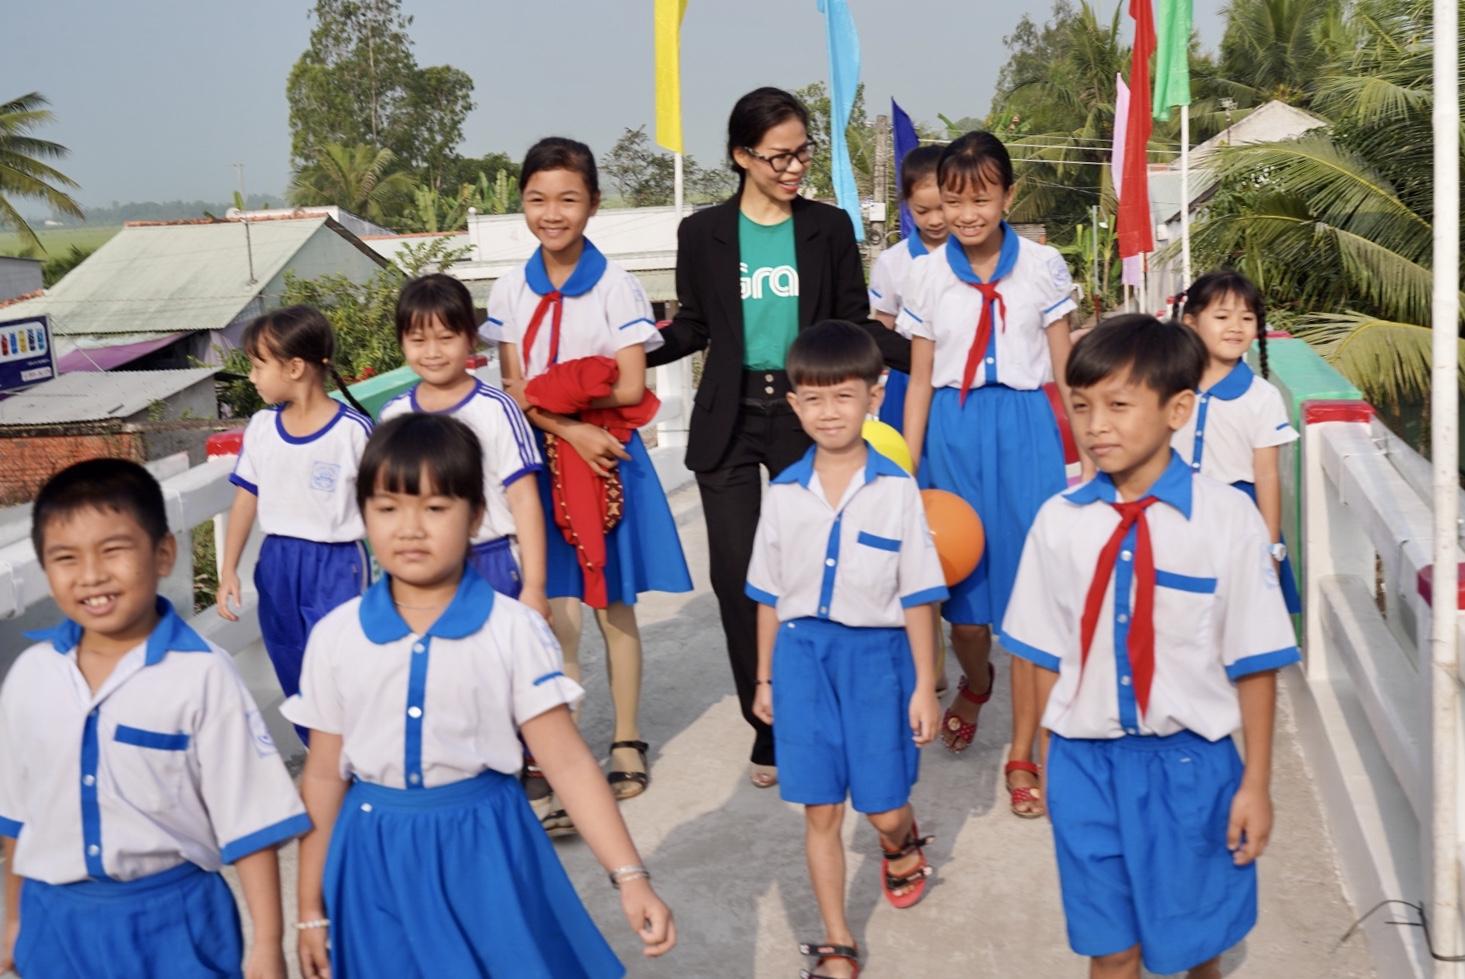 Vừa nhậm chức, nữ CEO Grab Việt Nam đã khánh thành cầu dân sinh 900 triệu đồng cho người dân miền Tây - Ảnh 3.